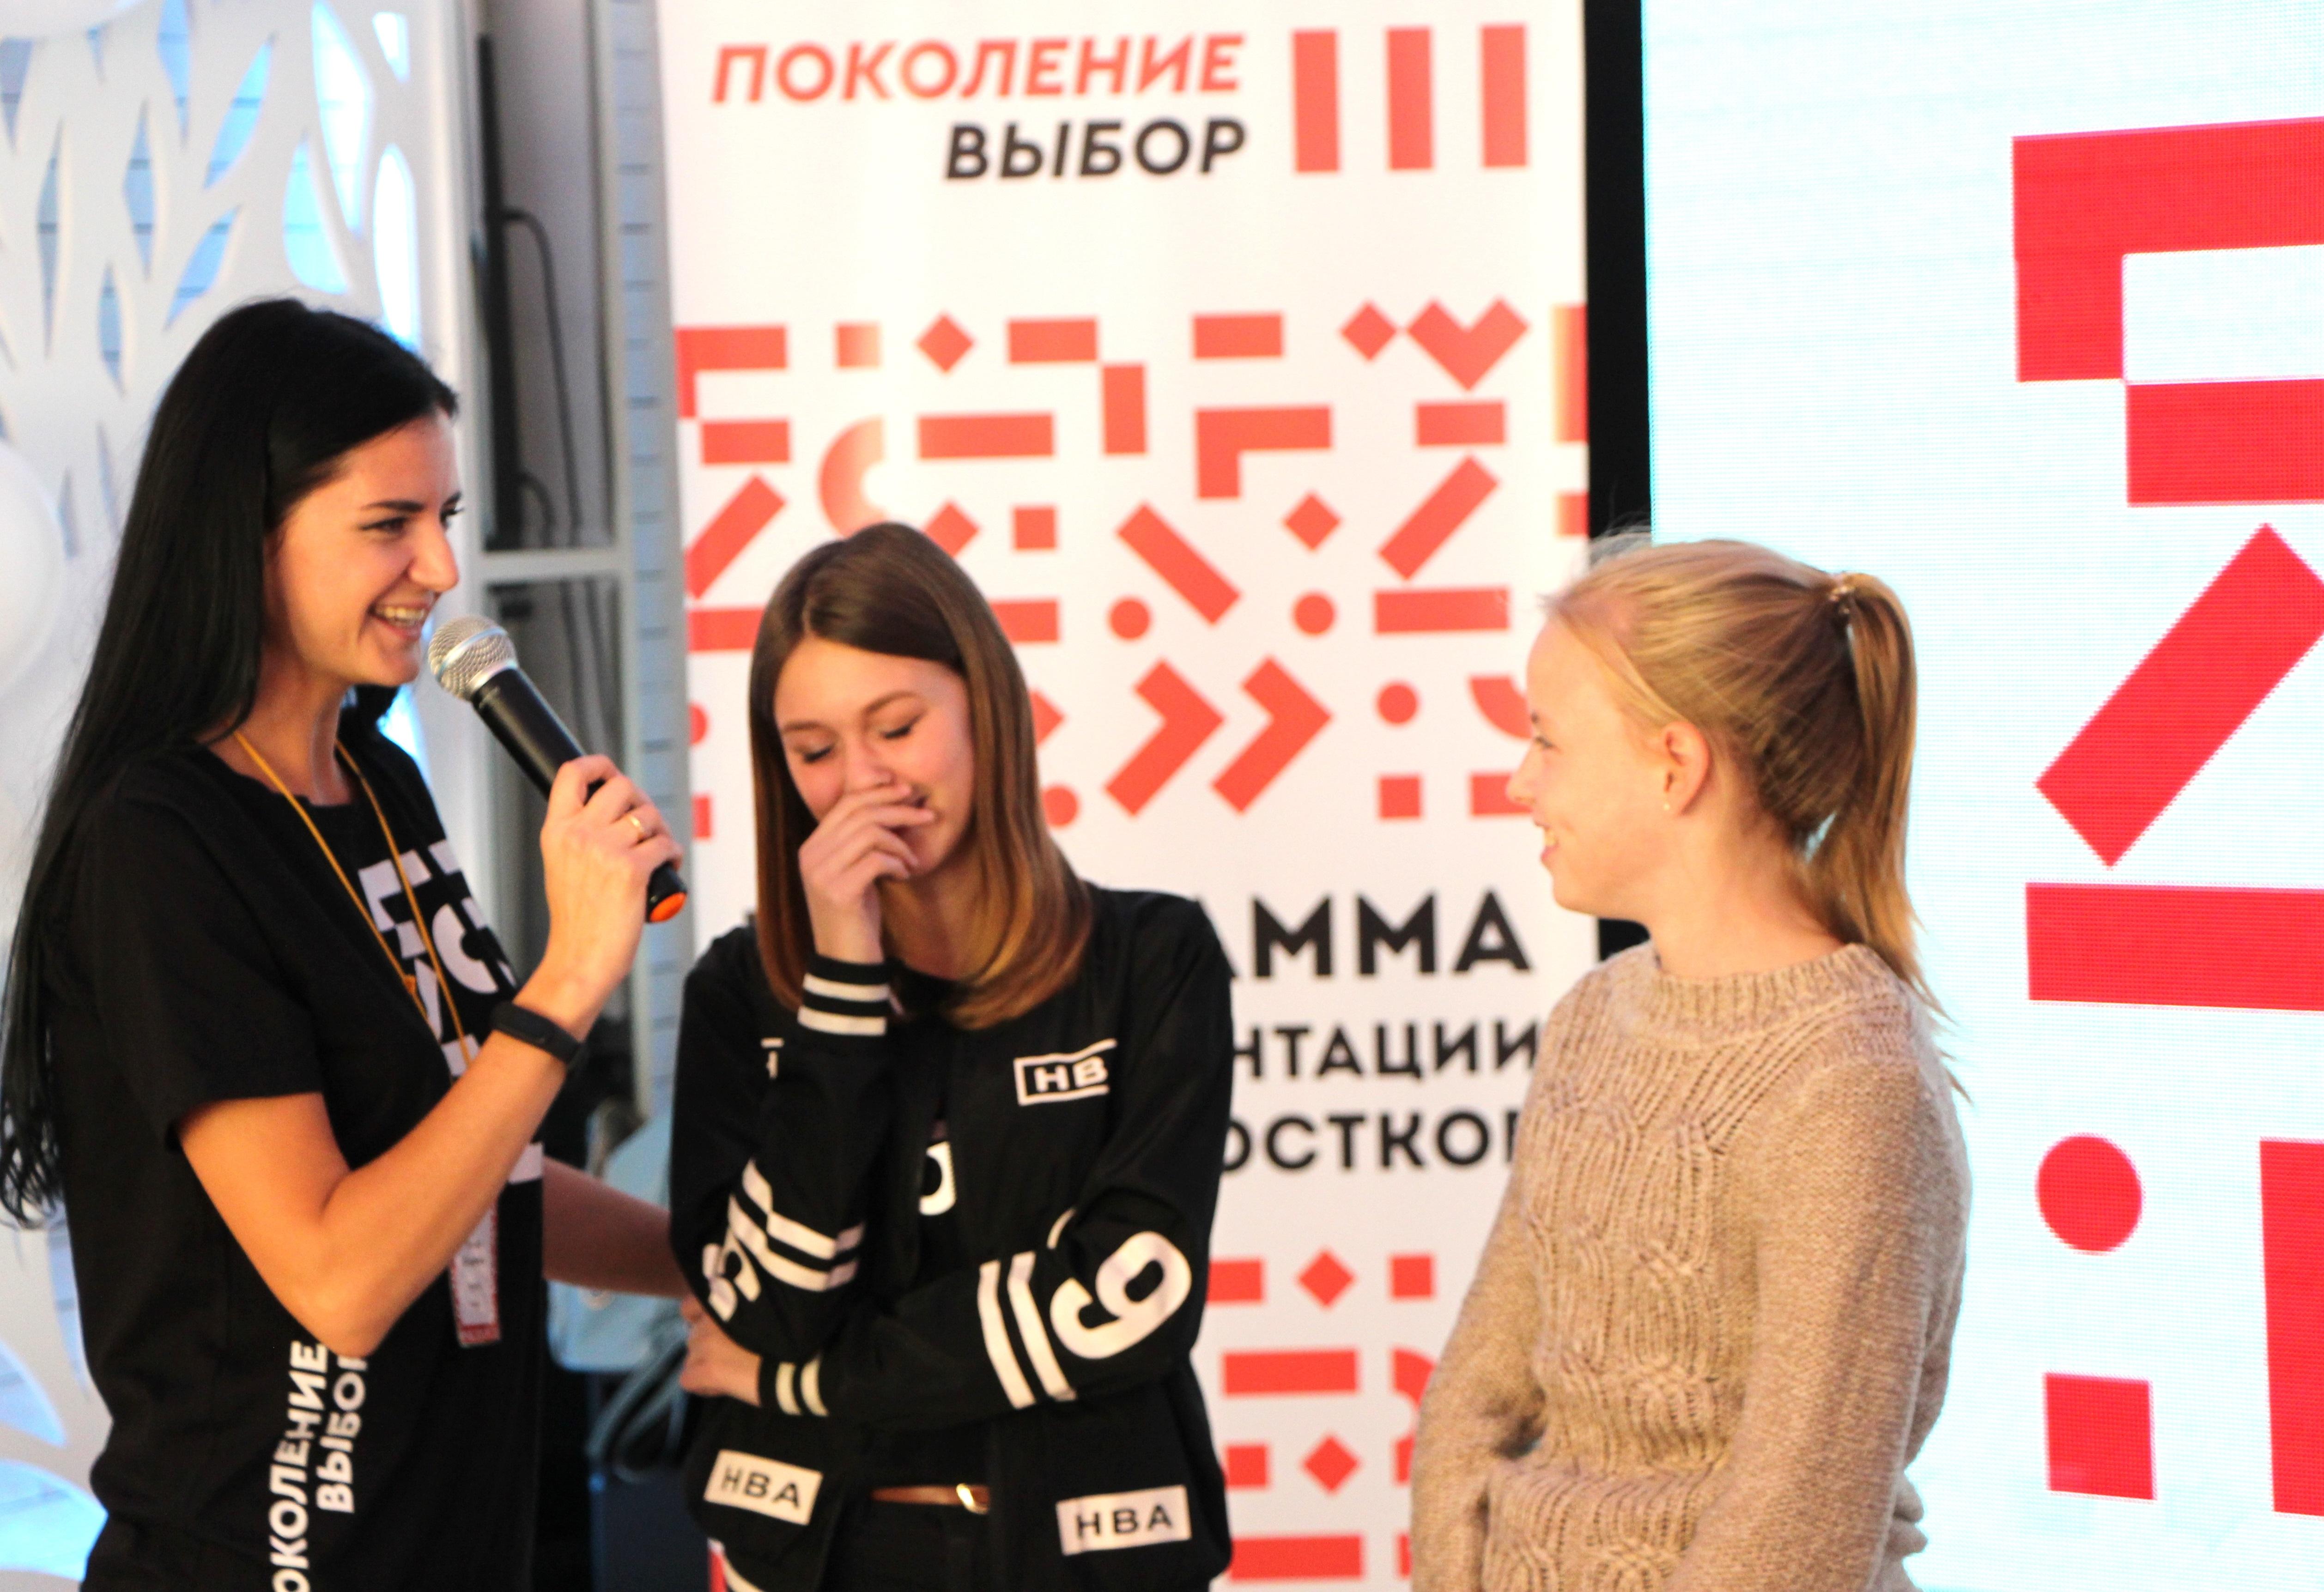 С уверенностью в будущее: запуск благотворительной программы по профориентации детей, оказавшихся в трудной жизненной ситуации в Кемерове и Ленинске-Кузнецком